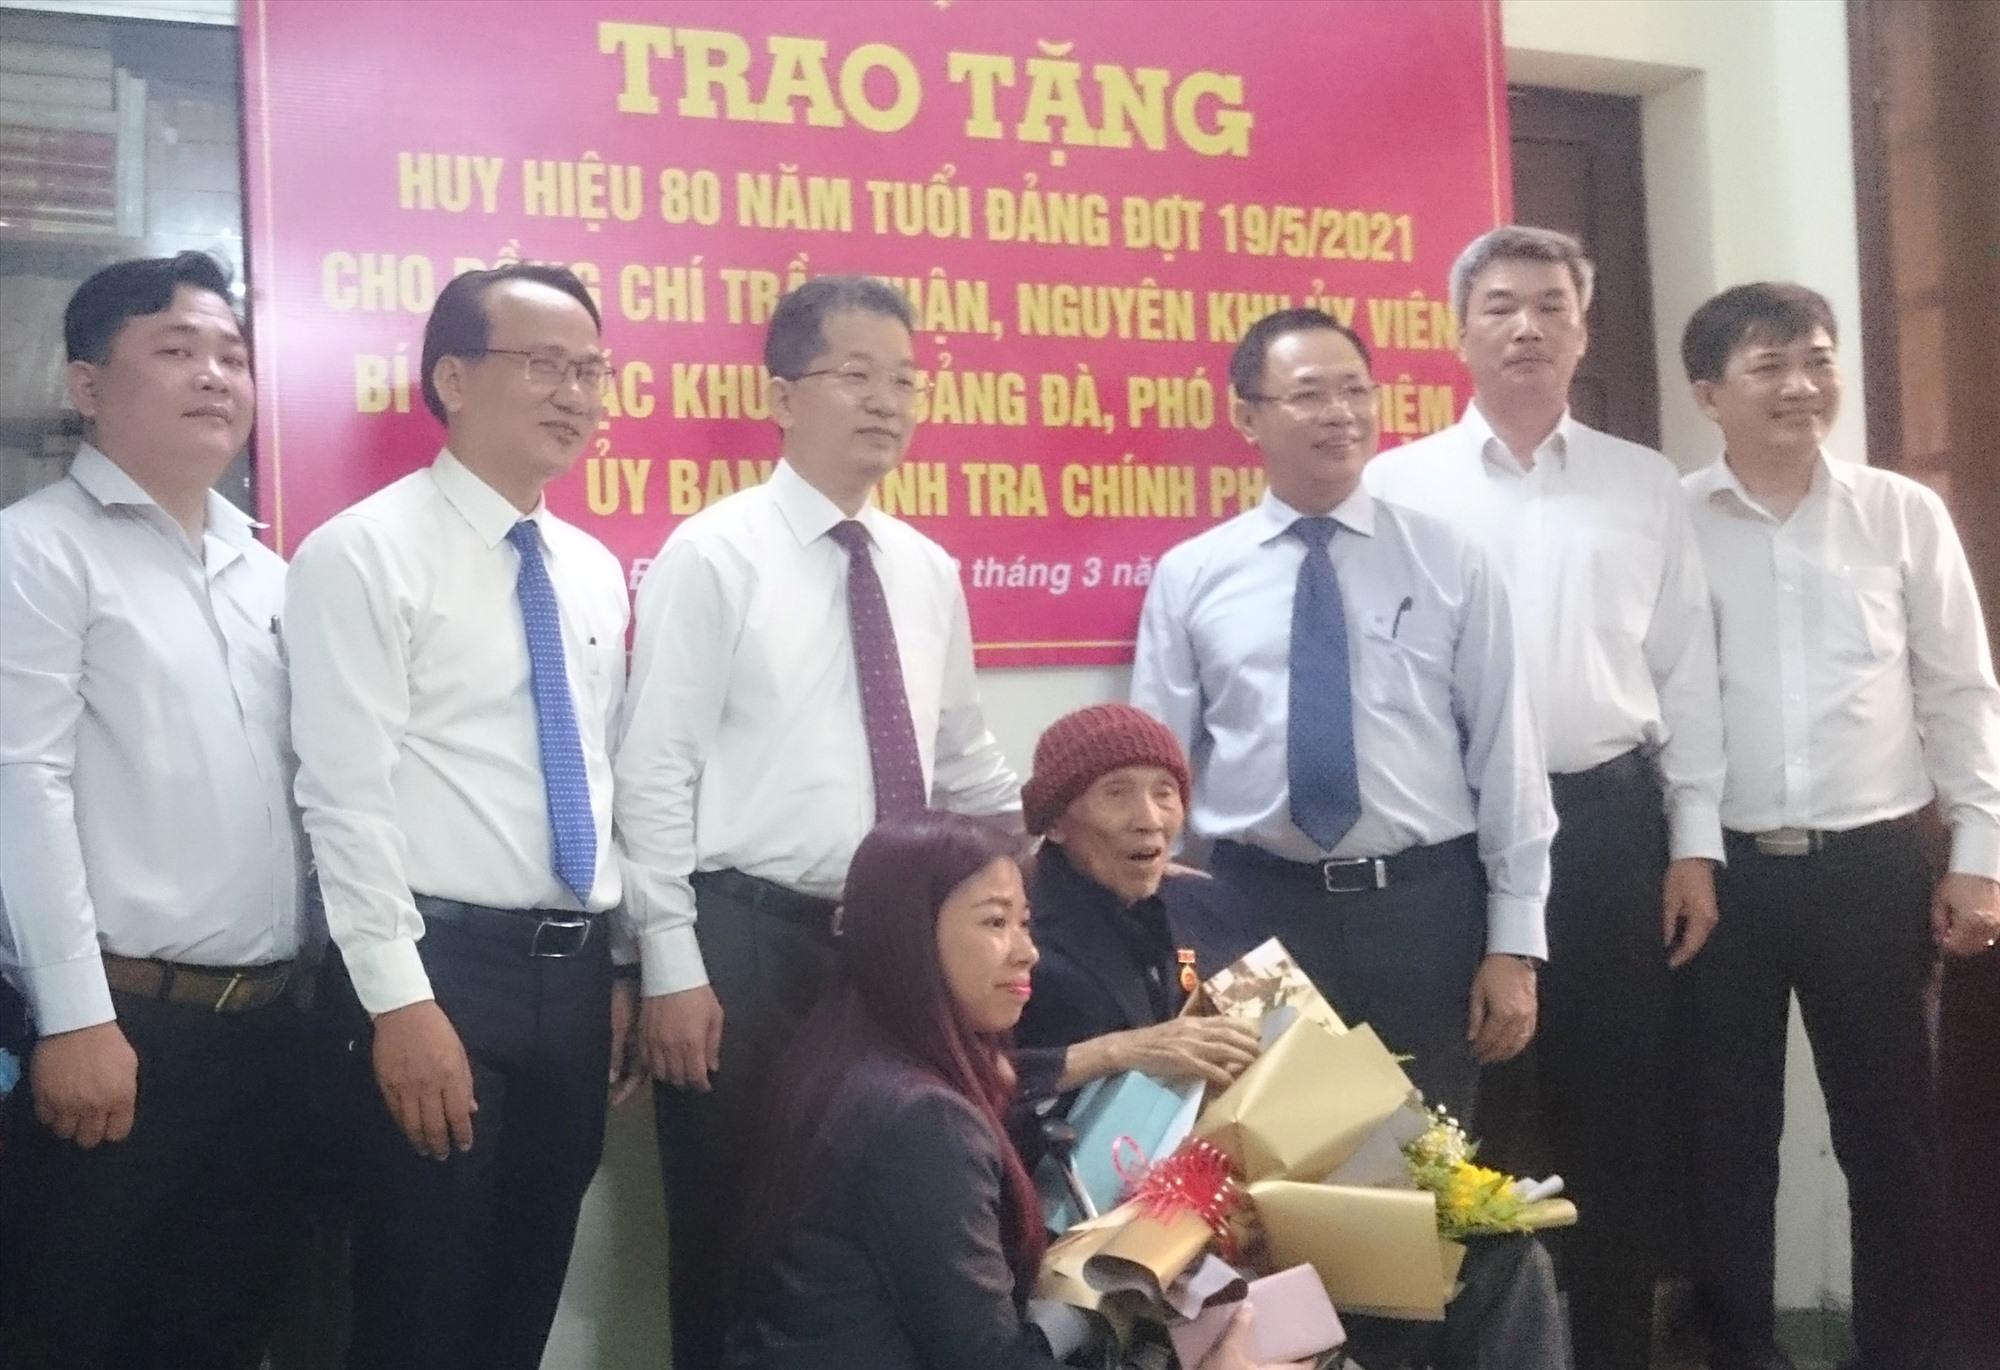 Thành ủy tổ chức Lễ trao Huy hiệu 80 năm tuổi Đảng cho đồng chí Trần Thận,